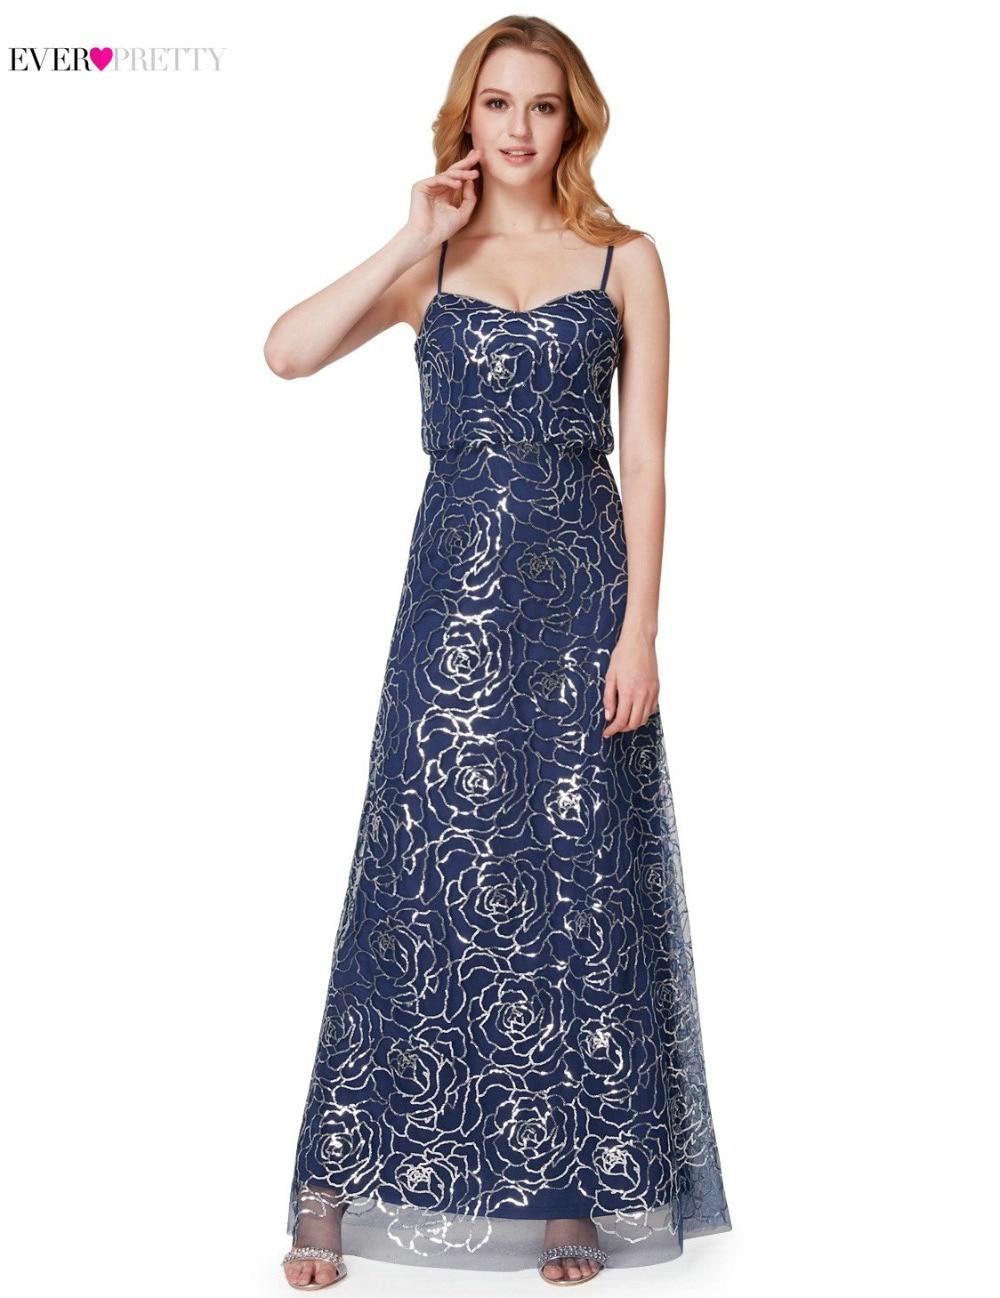 कभी सुंदर नई आगमन - विशेष अवसरों के लिए ड्रेस